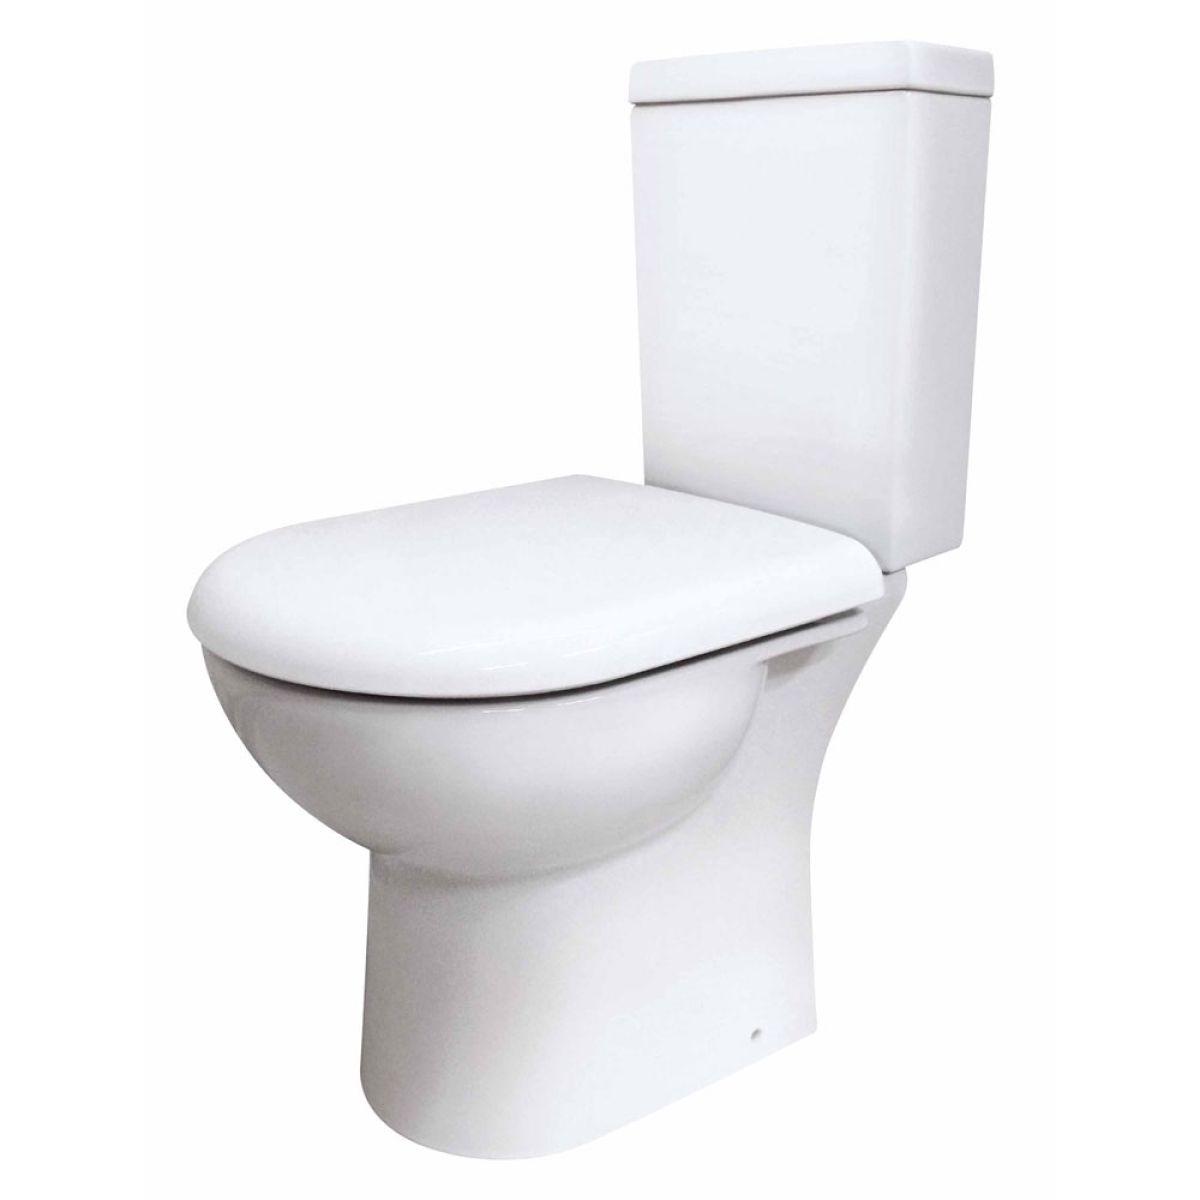 Premier Knedlington Short Projection Toilet with Soft Close Seat